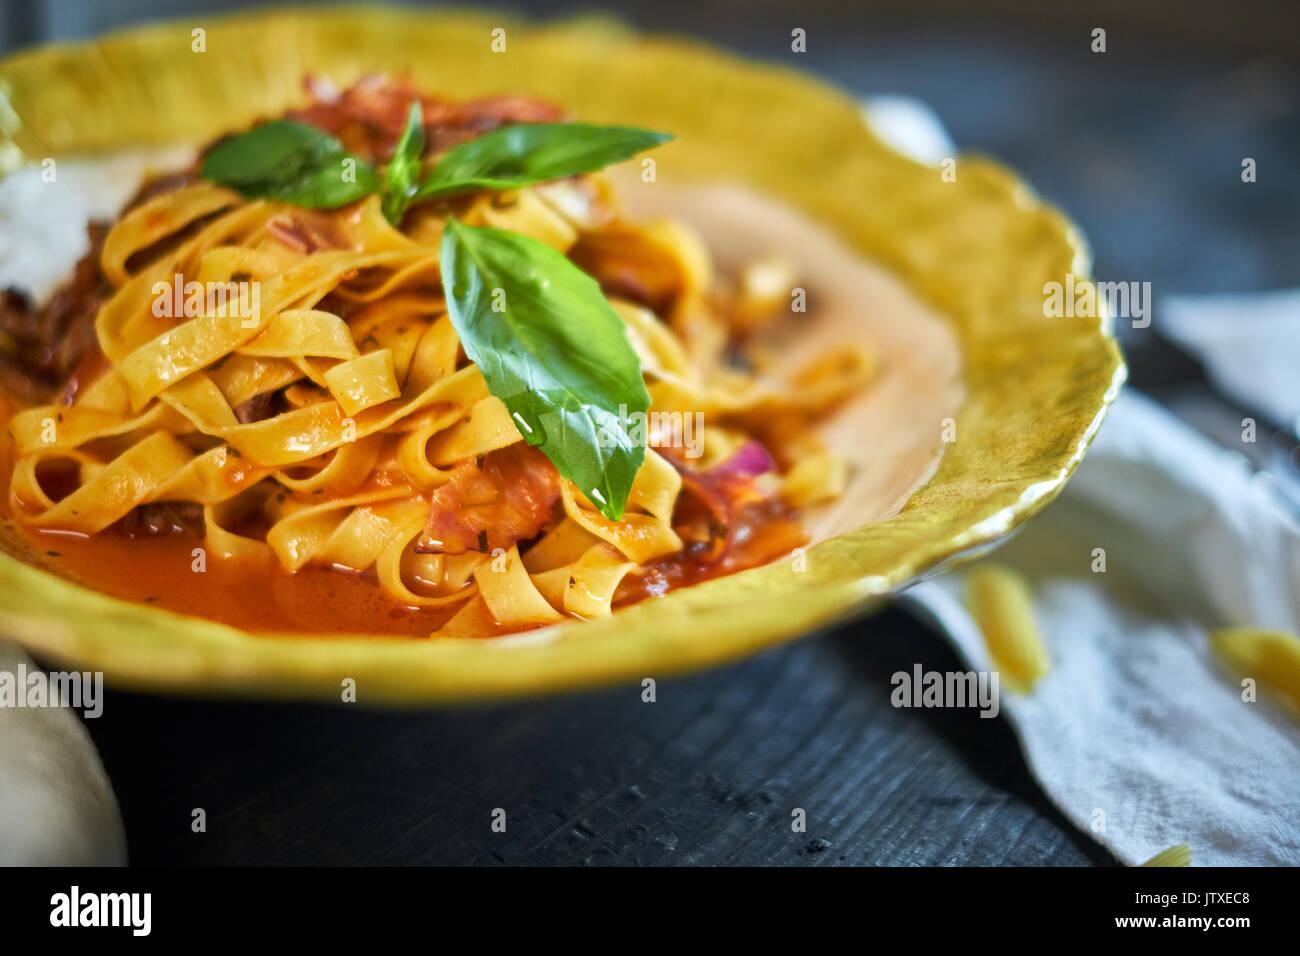 Italiano pasta penne con tomates y pesto en un restaurante jpg Foto de stock